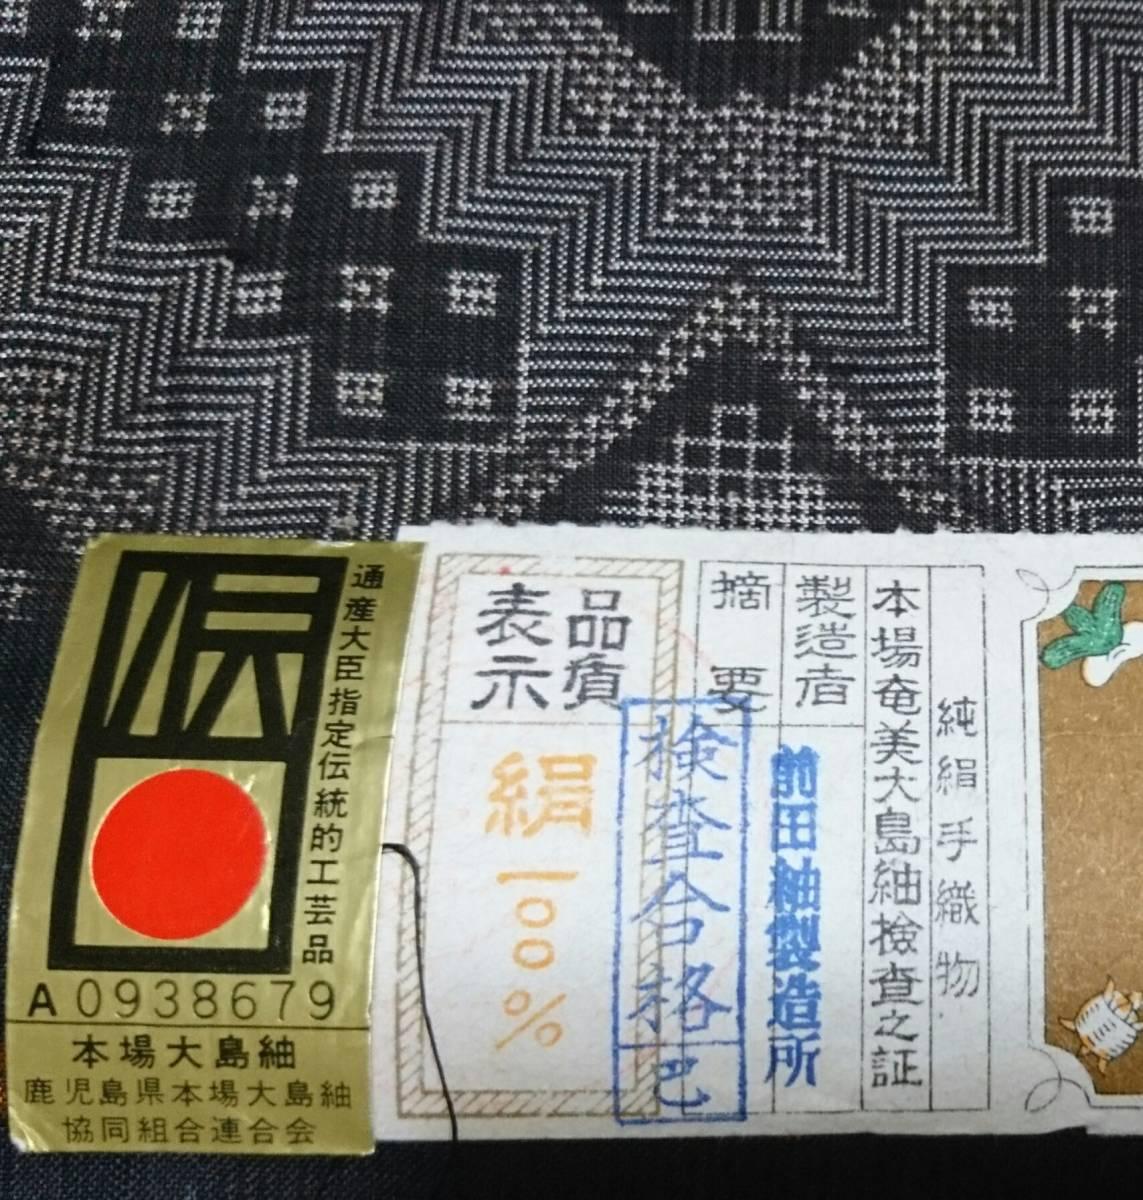 本場奄美大島紬 年代物 未仕立て品 反物_画像6